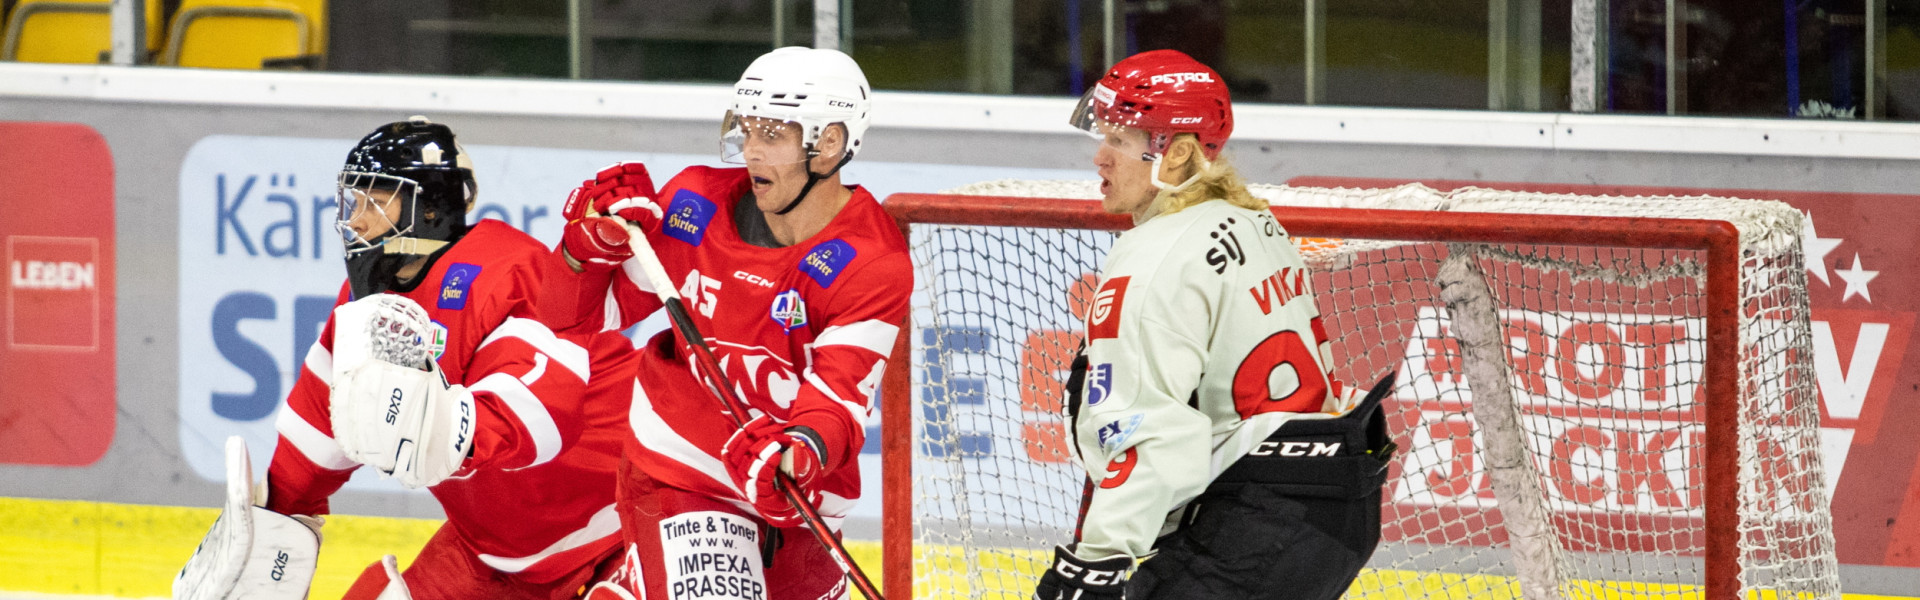 Val Usnik (KFT) und Andrej Tavželj (KFT)